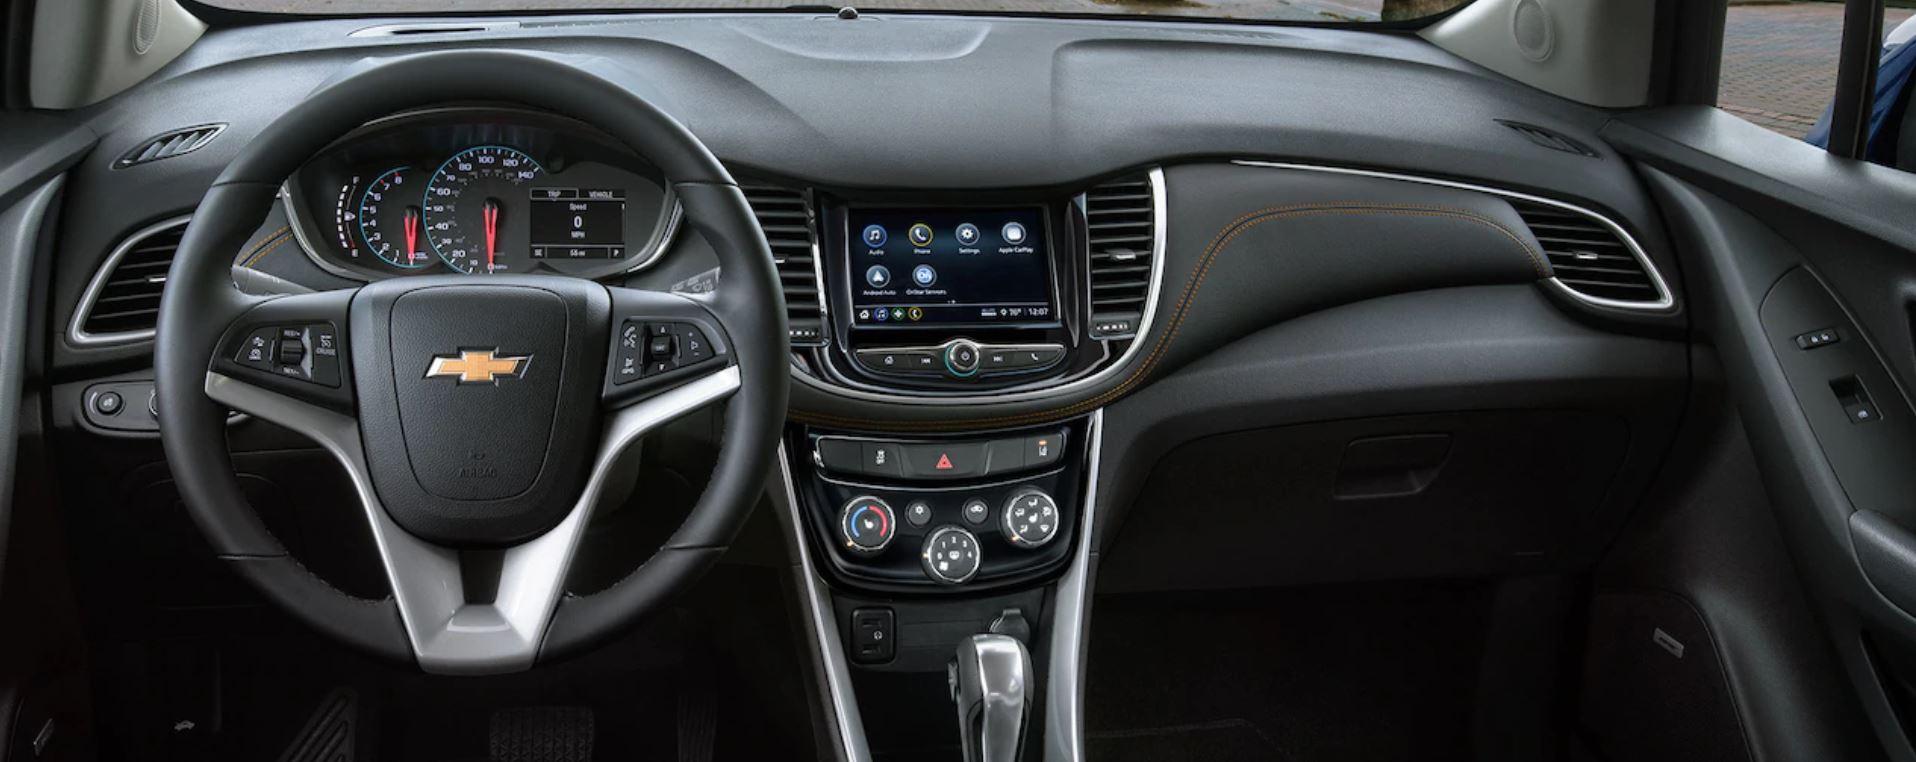 2019 Chevrolet Trax Dashboard